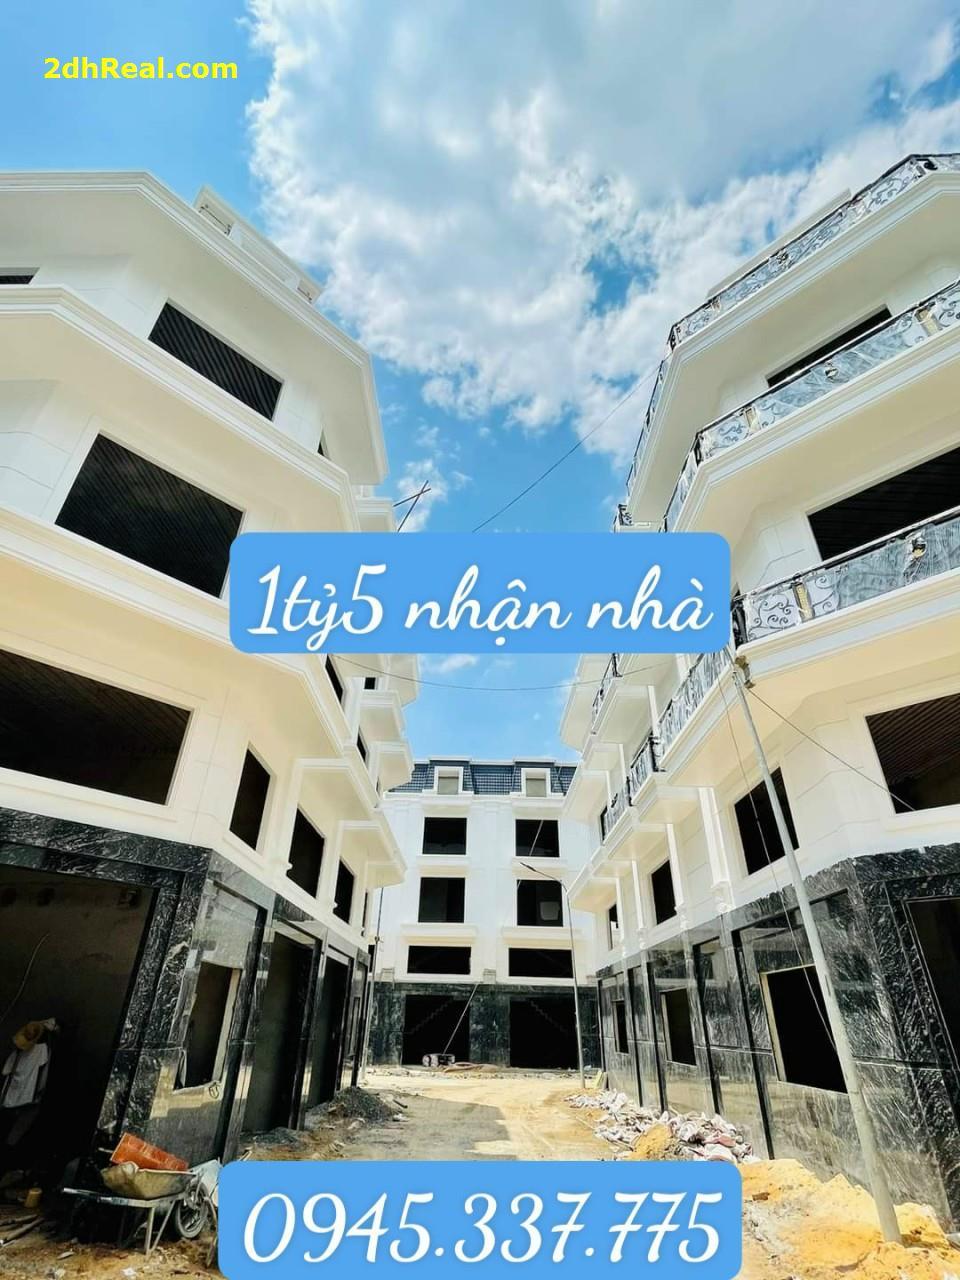 Cần bán nhà phố mặt tiền đường Thạnh Xuân 38 Q.12. DT50M2. Giá 4tỷ8